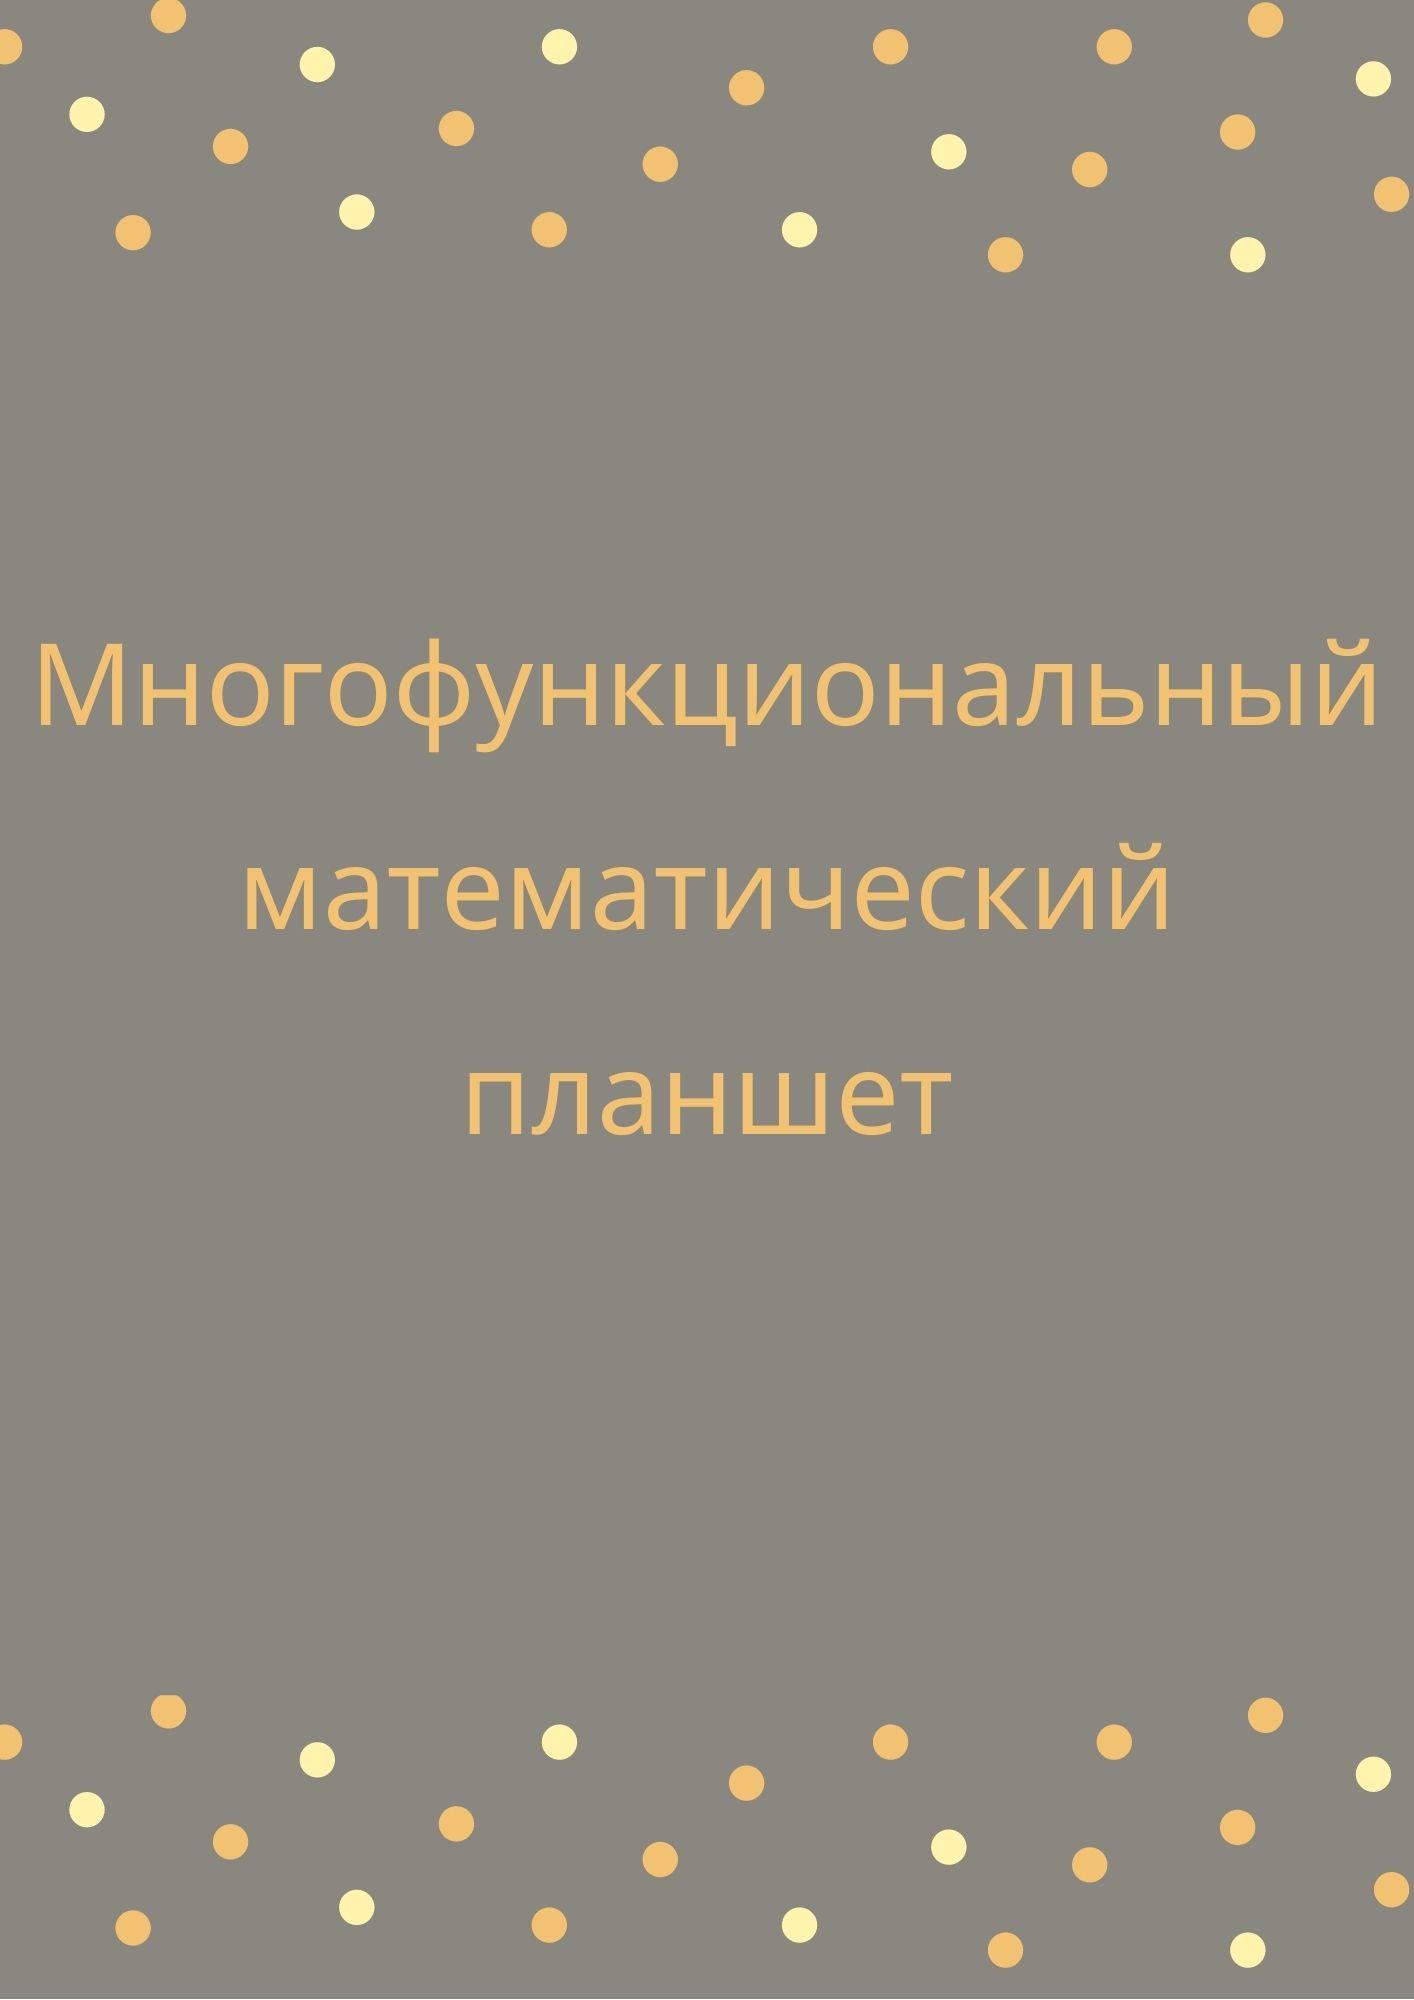 Многофункциональный математический планшет